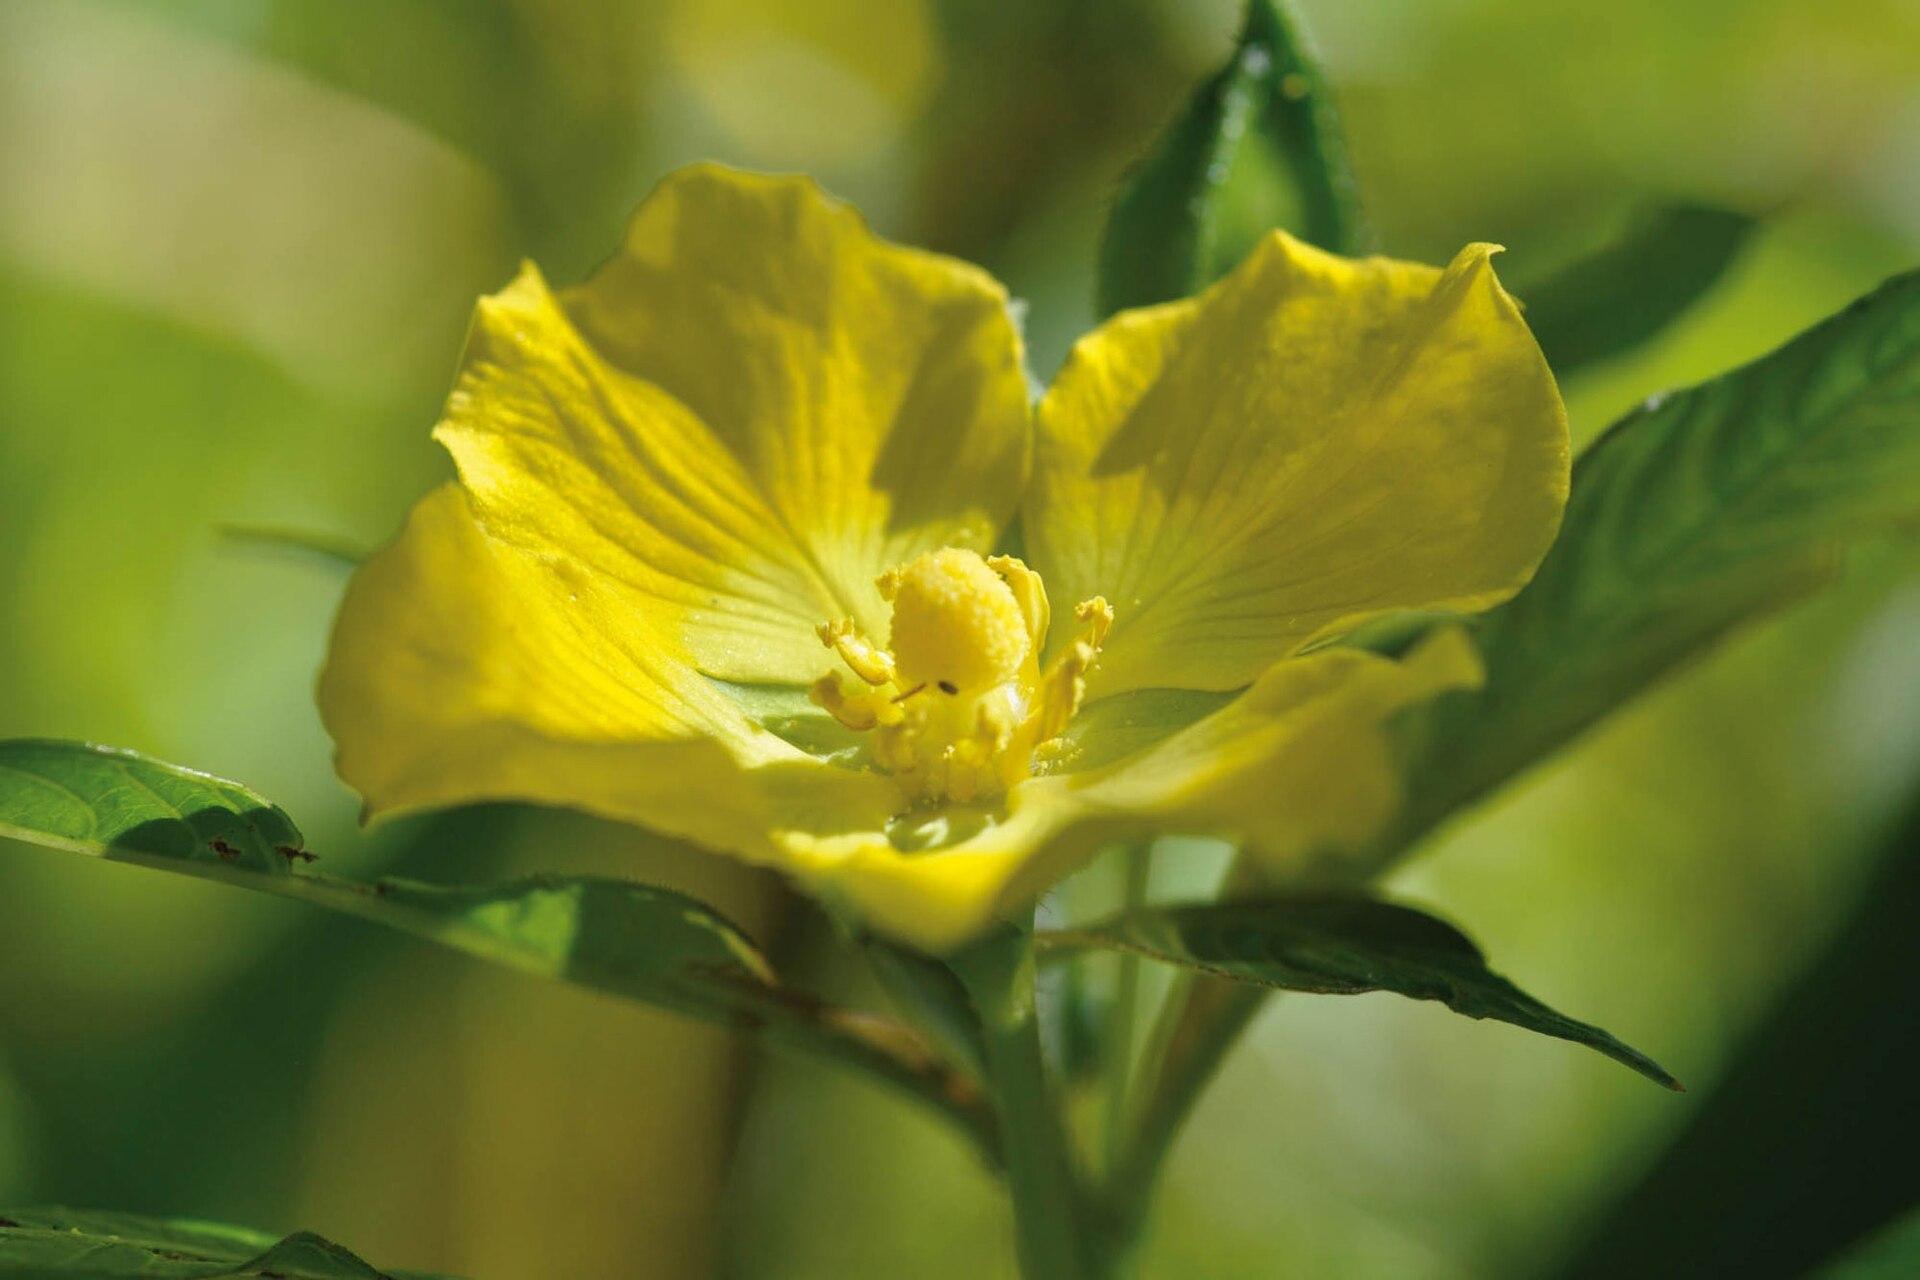 Un duraznillo de agua (Ludwigia sp.), planta palustre que produce aceites como recompensa para los polinizadores.